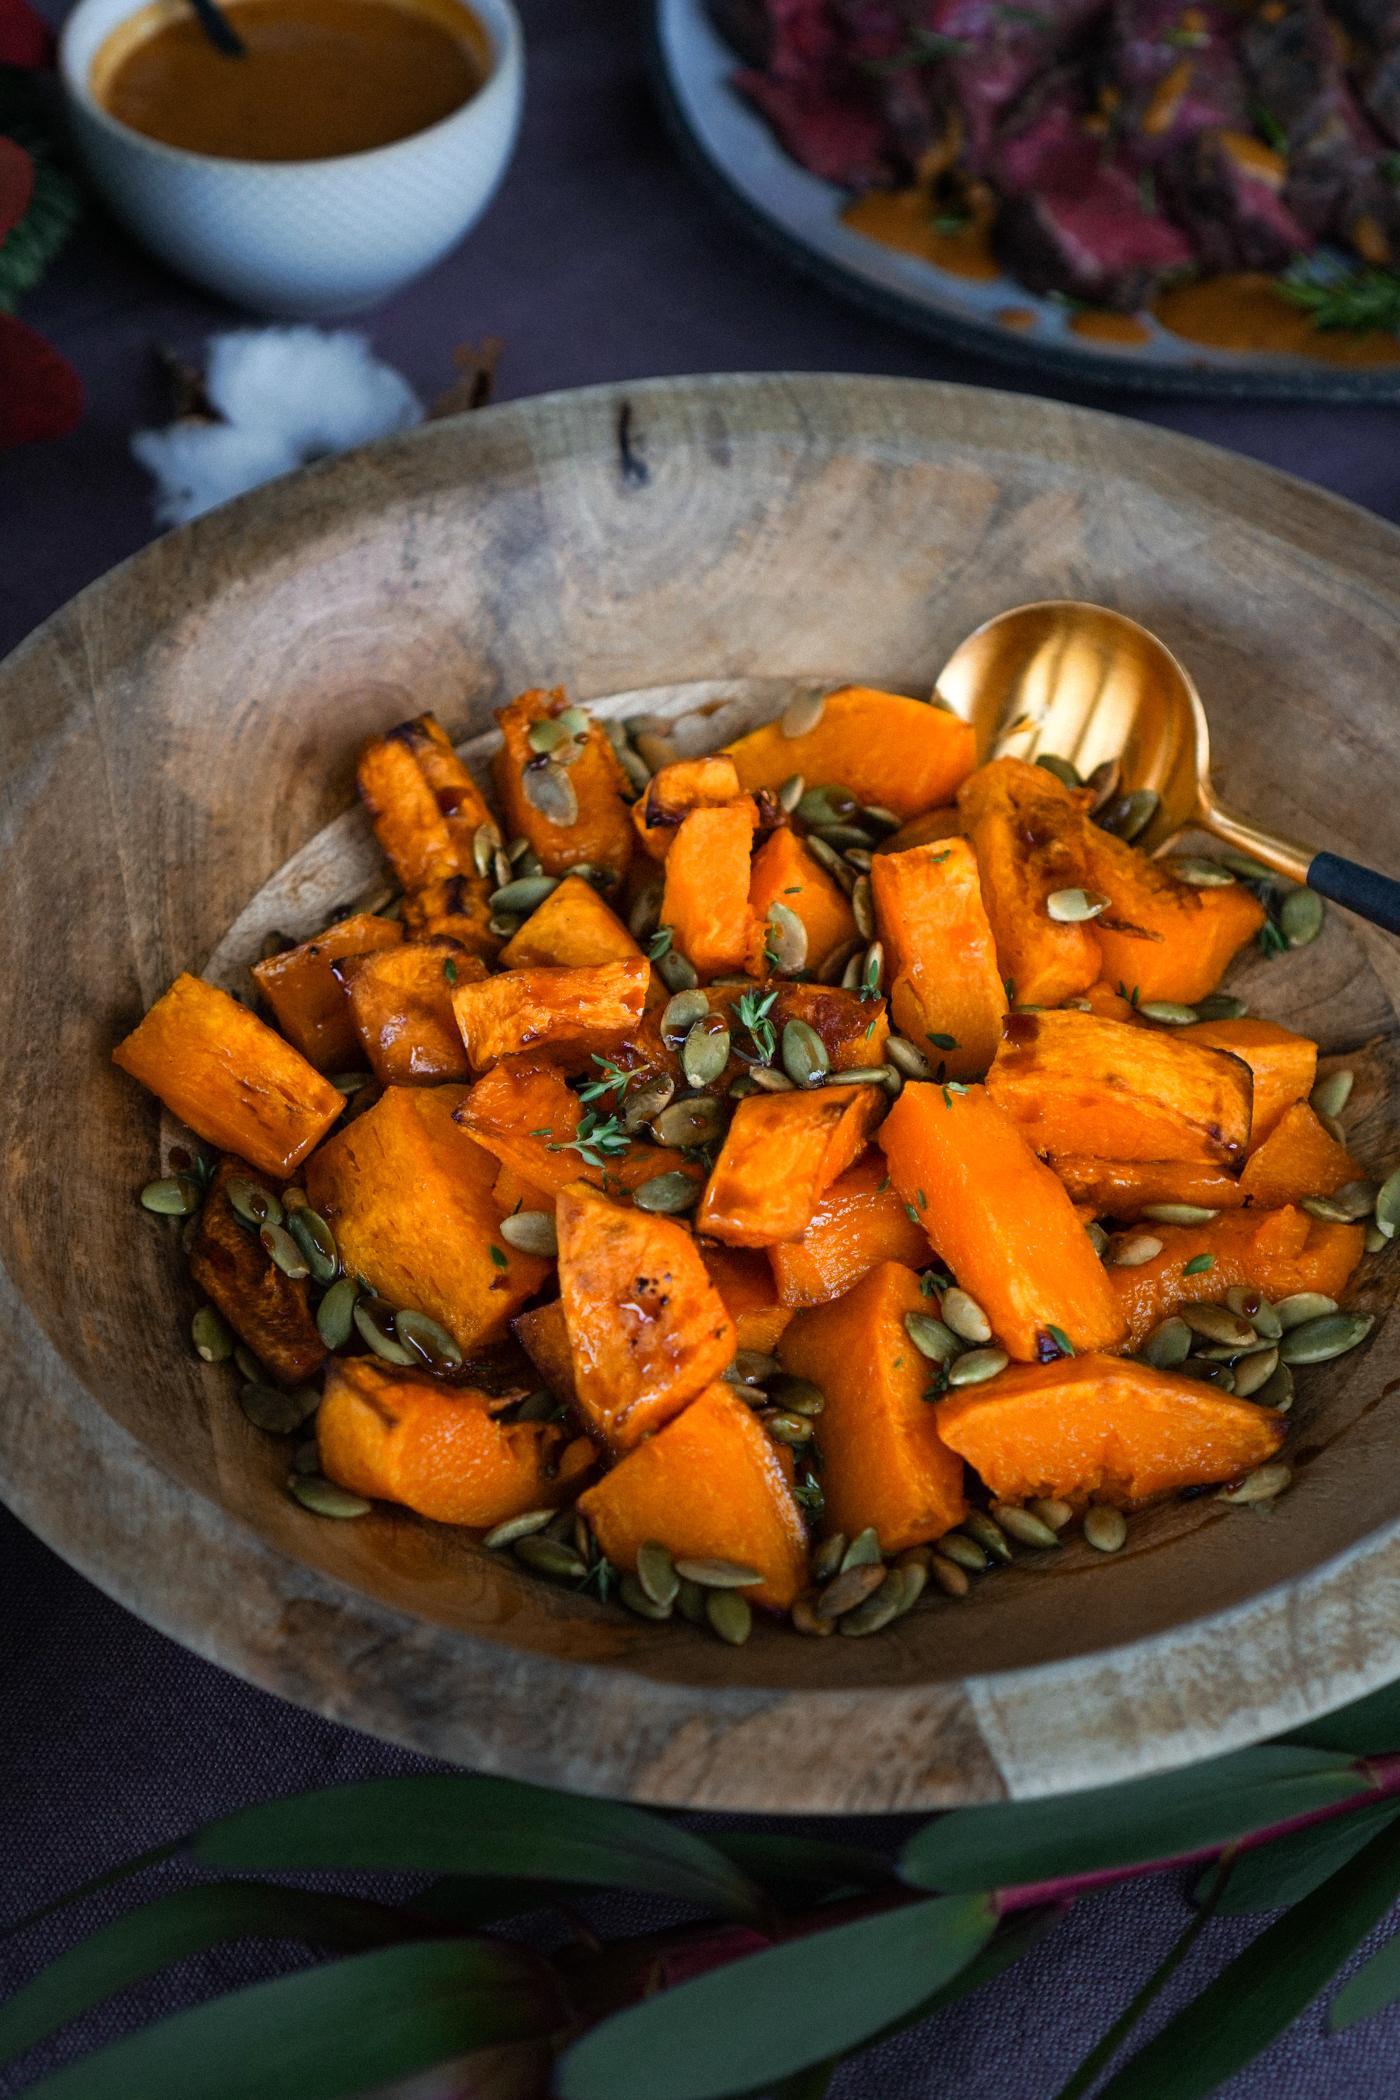 maple_butternut_squash_with_pumpkin_seeds-2.jpg